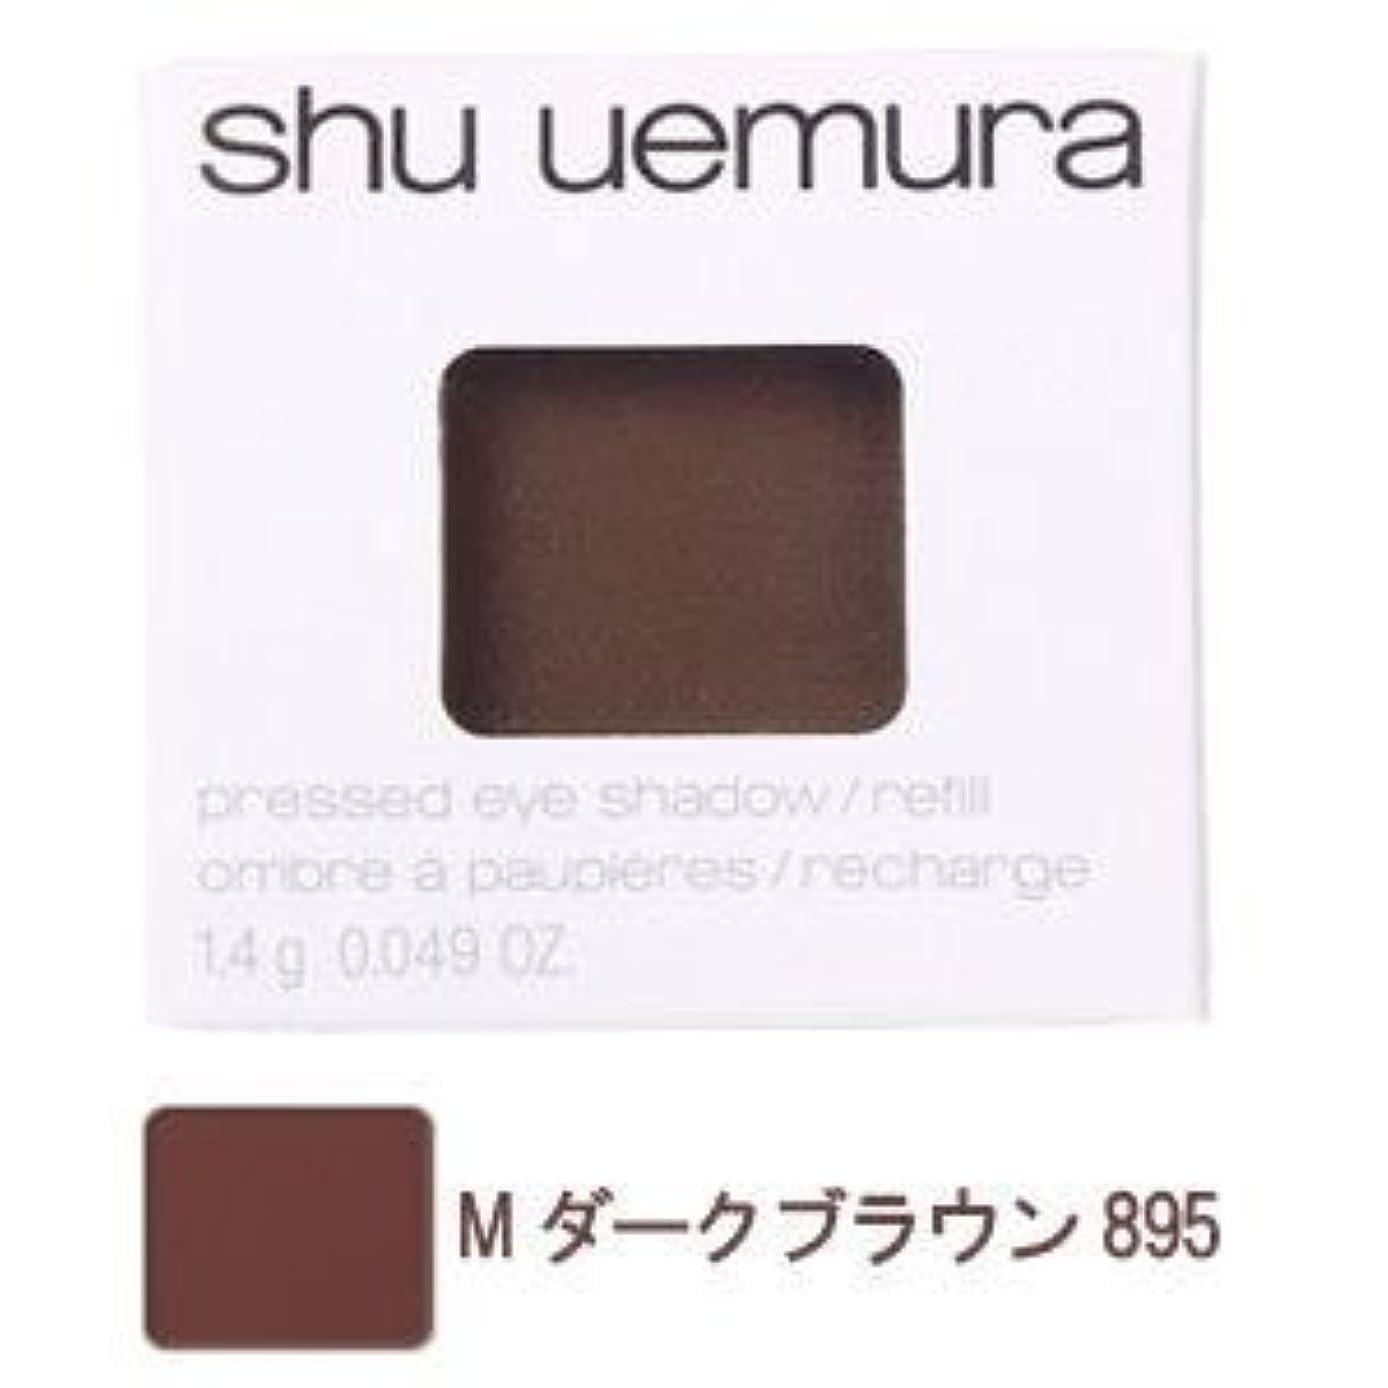 欠かせないアマチュア外側shu uemura シュウ ウエムラ<br>プレスド<br>アイシャドー<br>#M<br>ダークブラウン<br>895<br>レフィル [並行輸入品]